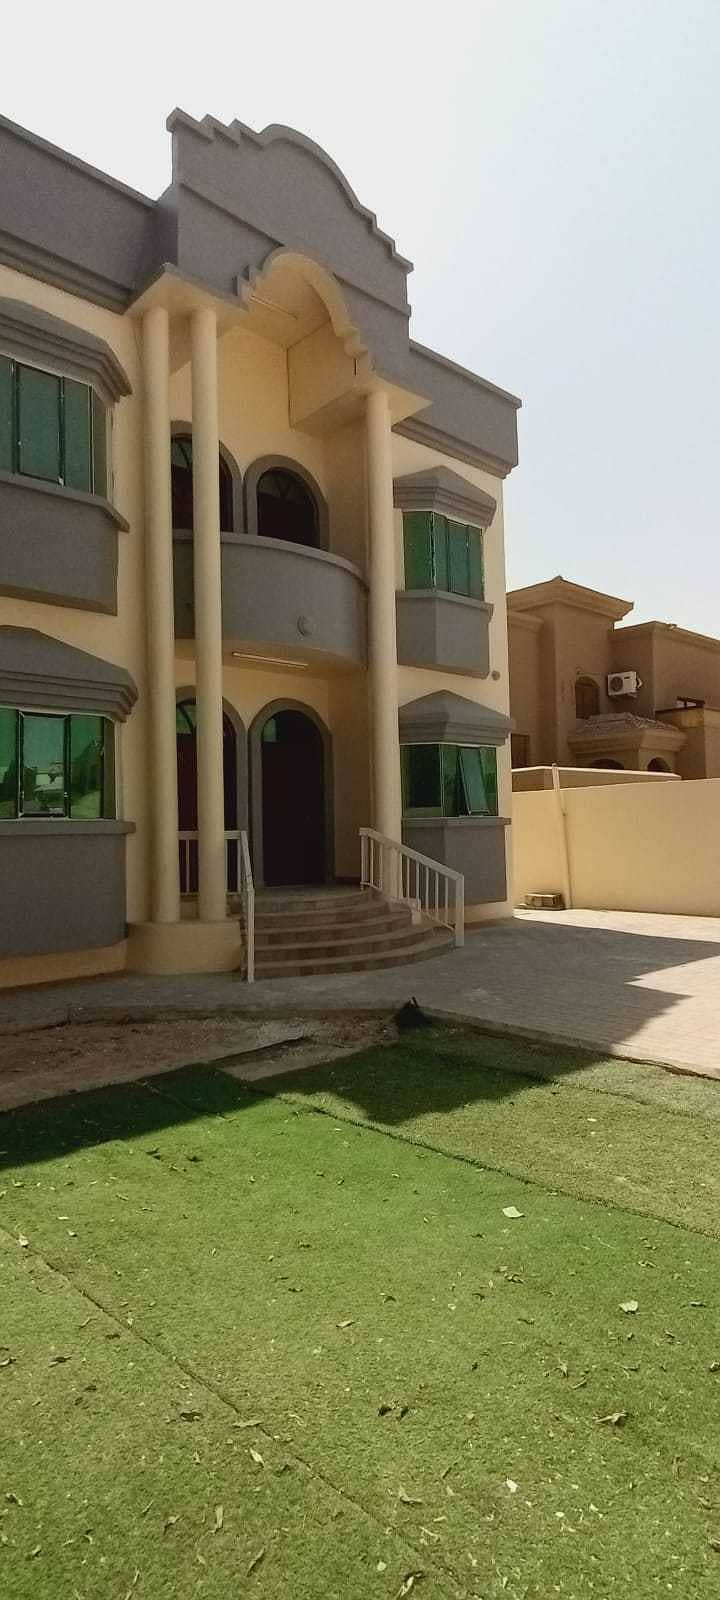 الصفقة عبارة عن صيانة كاملة فيلا 5 غرف نوم وصالة مجلس في المويهات 3 عجمان الايجار 65000 درهم / - سنويا